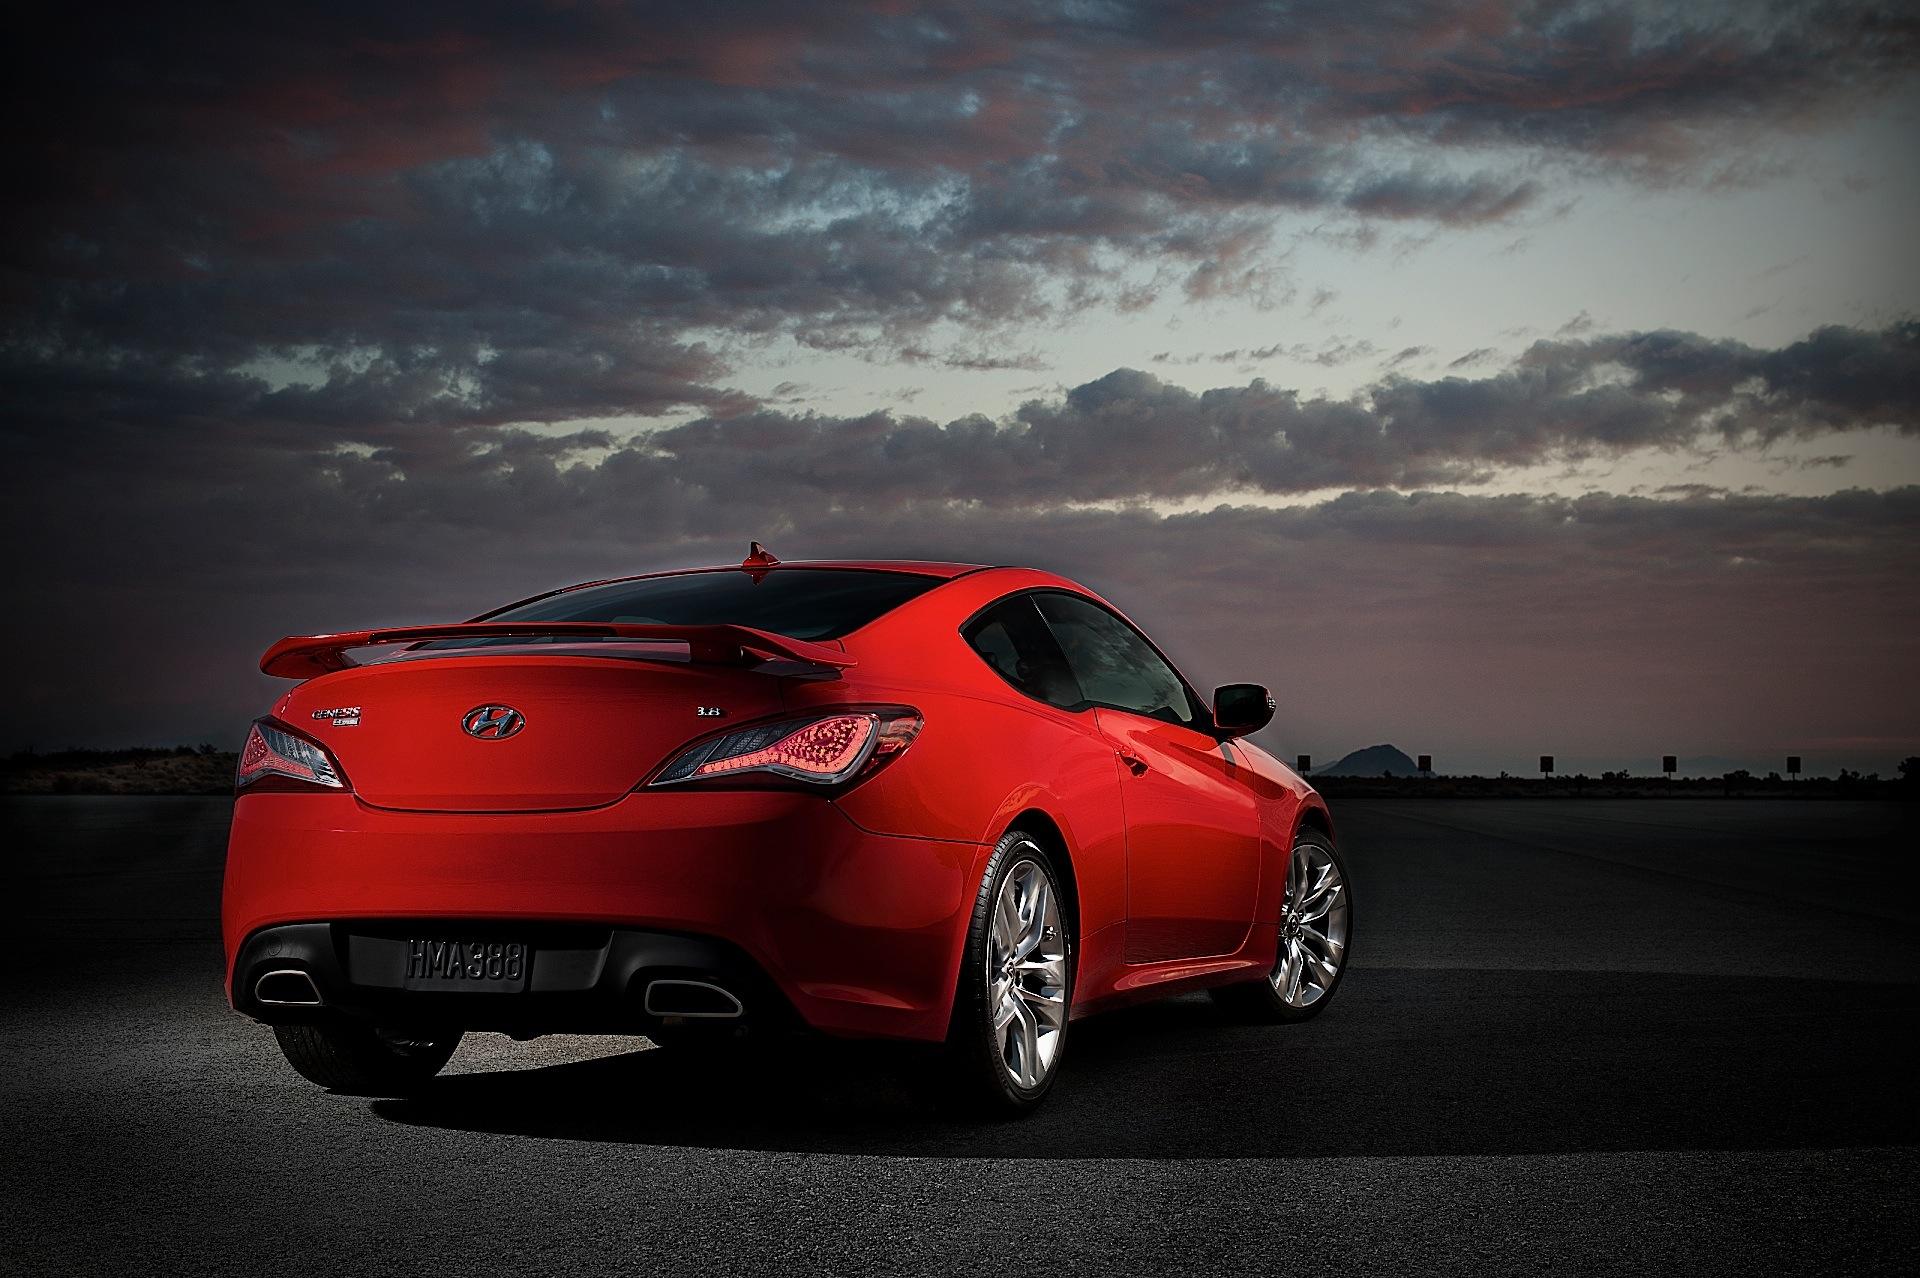 2012 Hyundai Genesis 2.0 T >> HYUNDAI Genesis Coupe specs & photos - 2008, 2009, 2010, 2011, 2012, 2013 - autoevolution